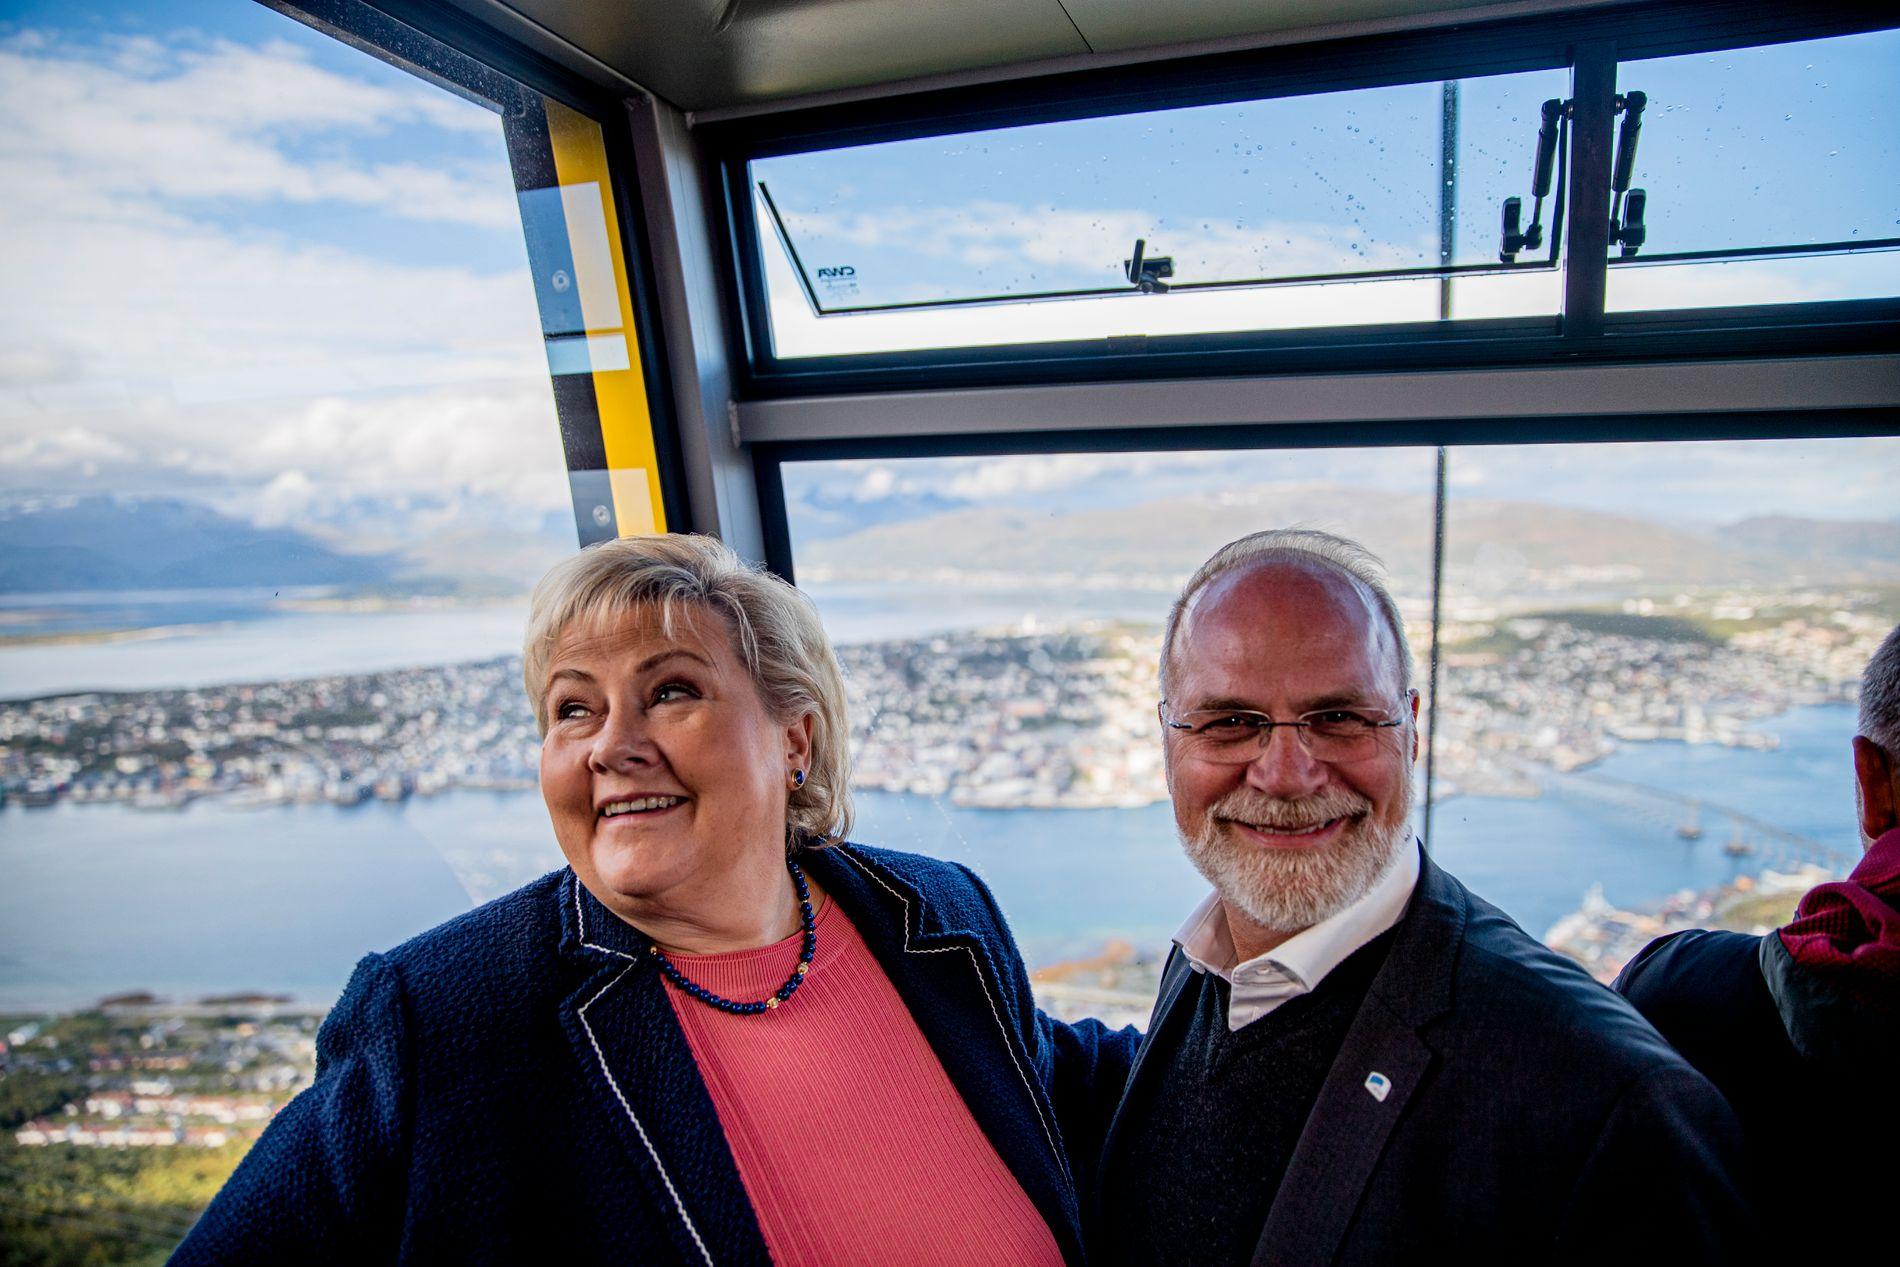 STATSMINISTERBESØK: Høyre-leder Erna Solberg og ordførerkandidat Hans Petter Kvaal (H) opp fjellheisen til Fløya i Tromsø.